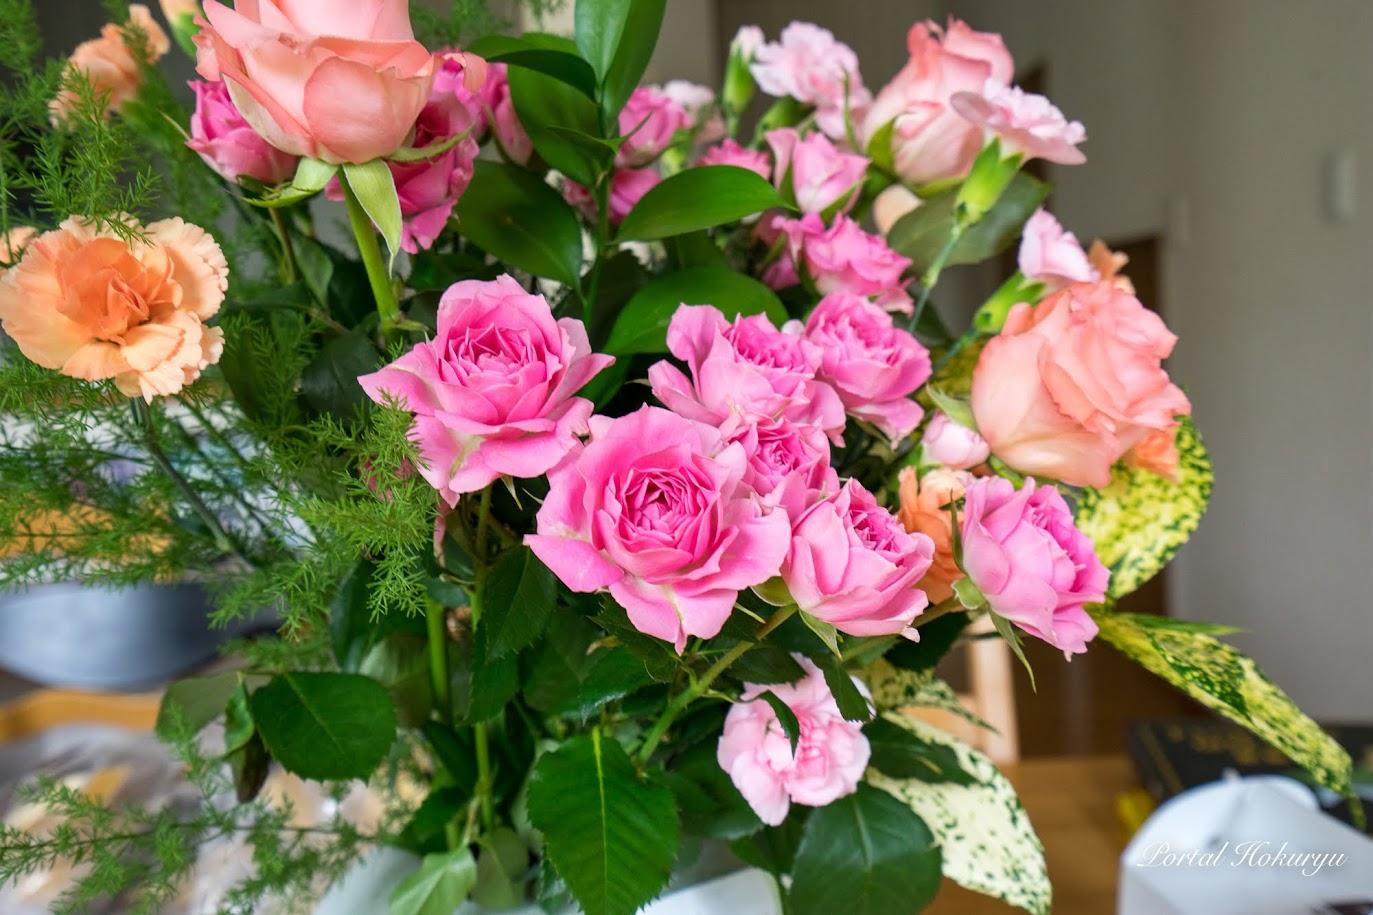 母の日に贈られた花束